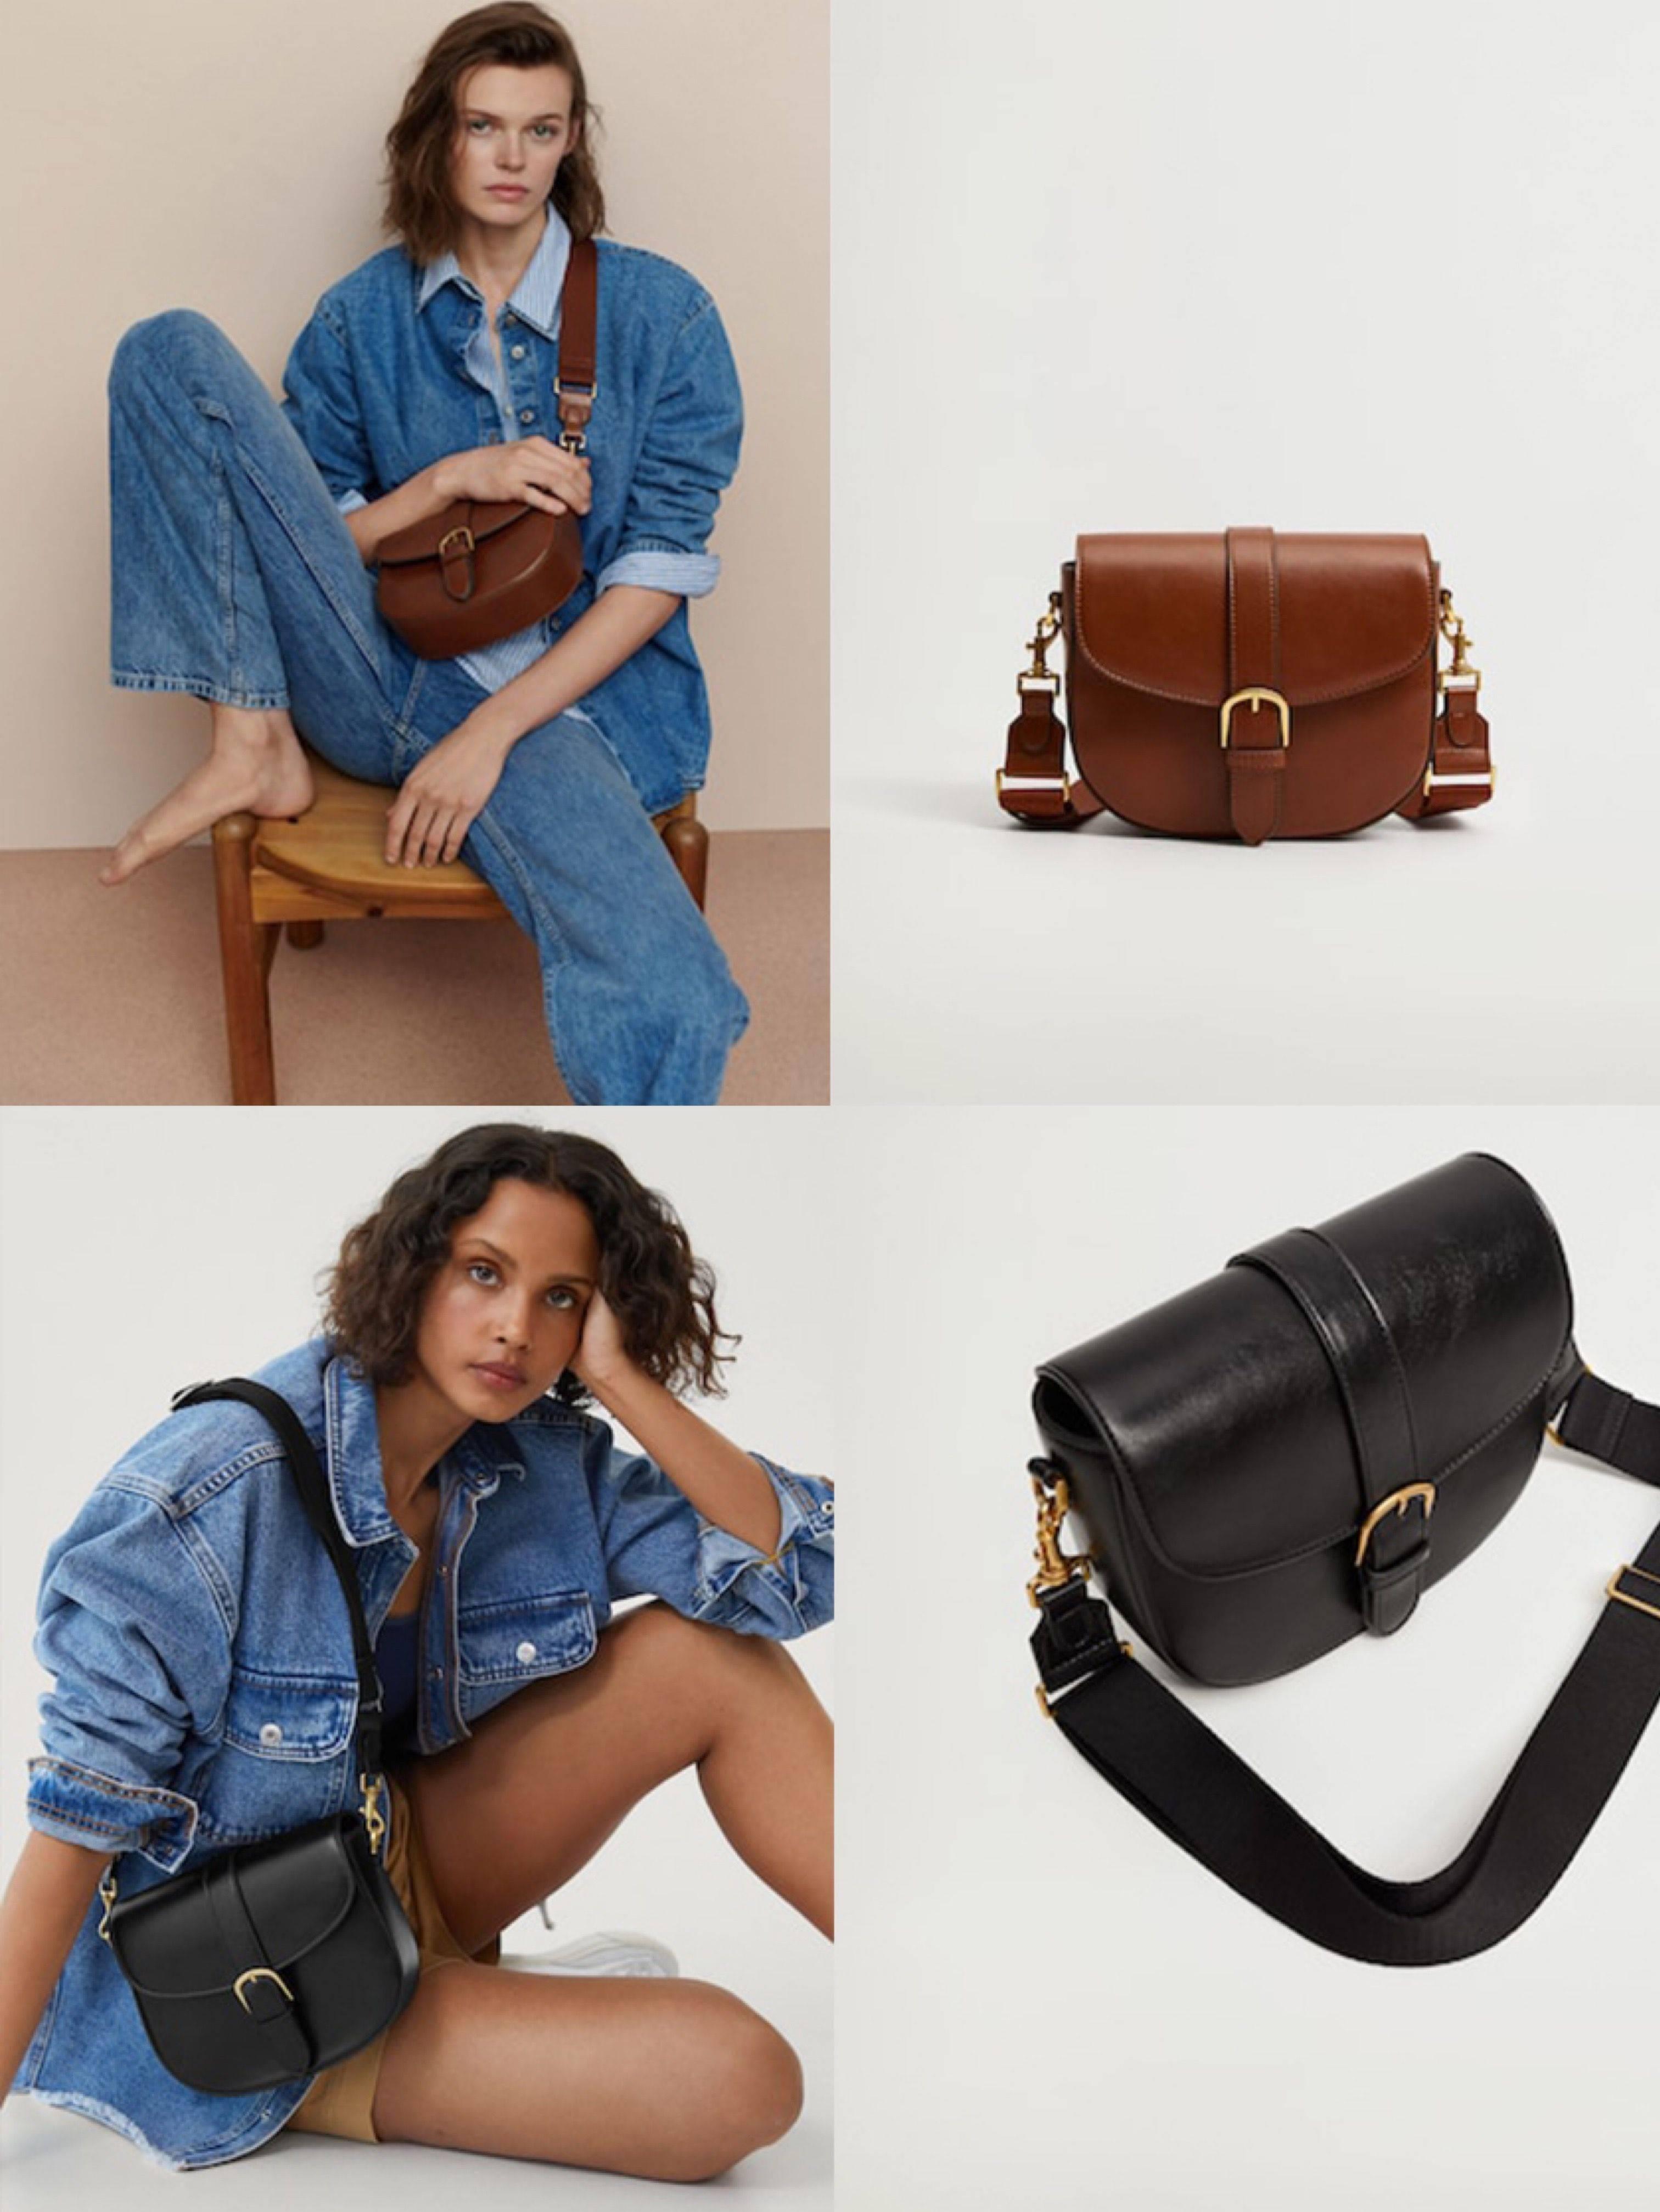 摩登日记|奢侈品品牌易撞包?快时尚也能找到心仪手袋